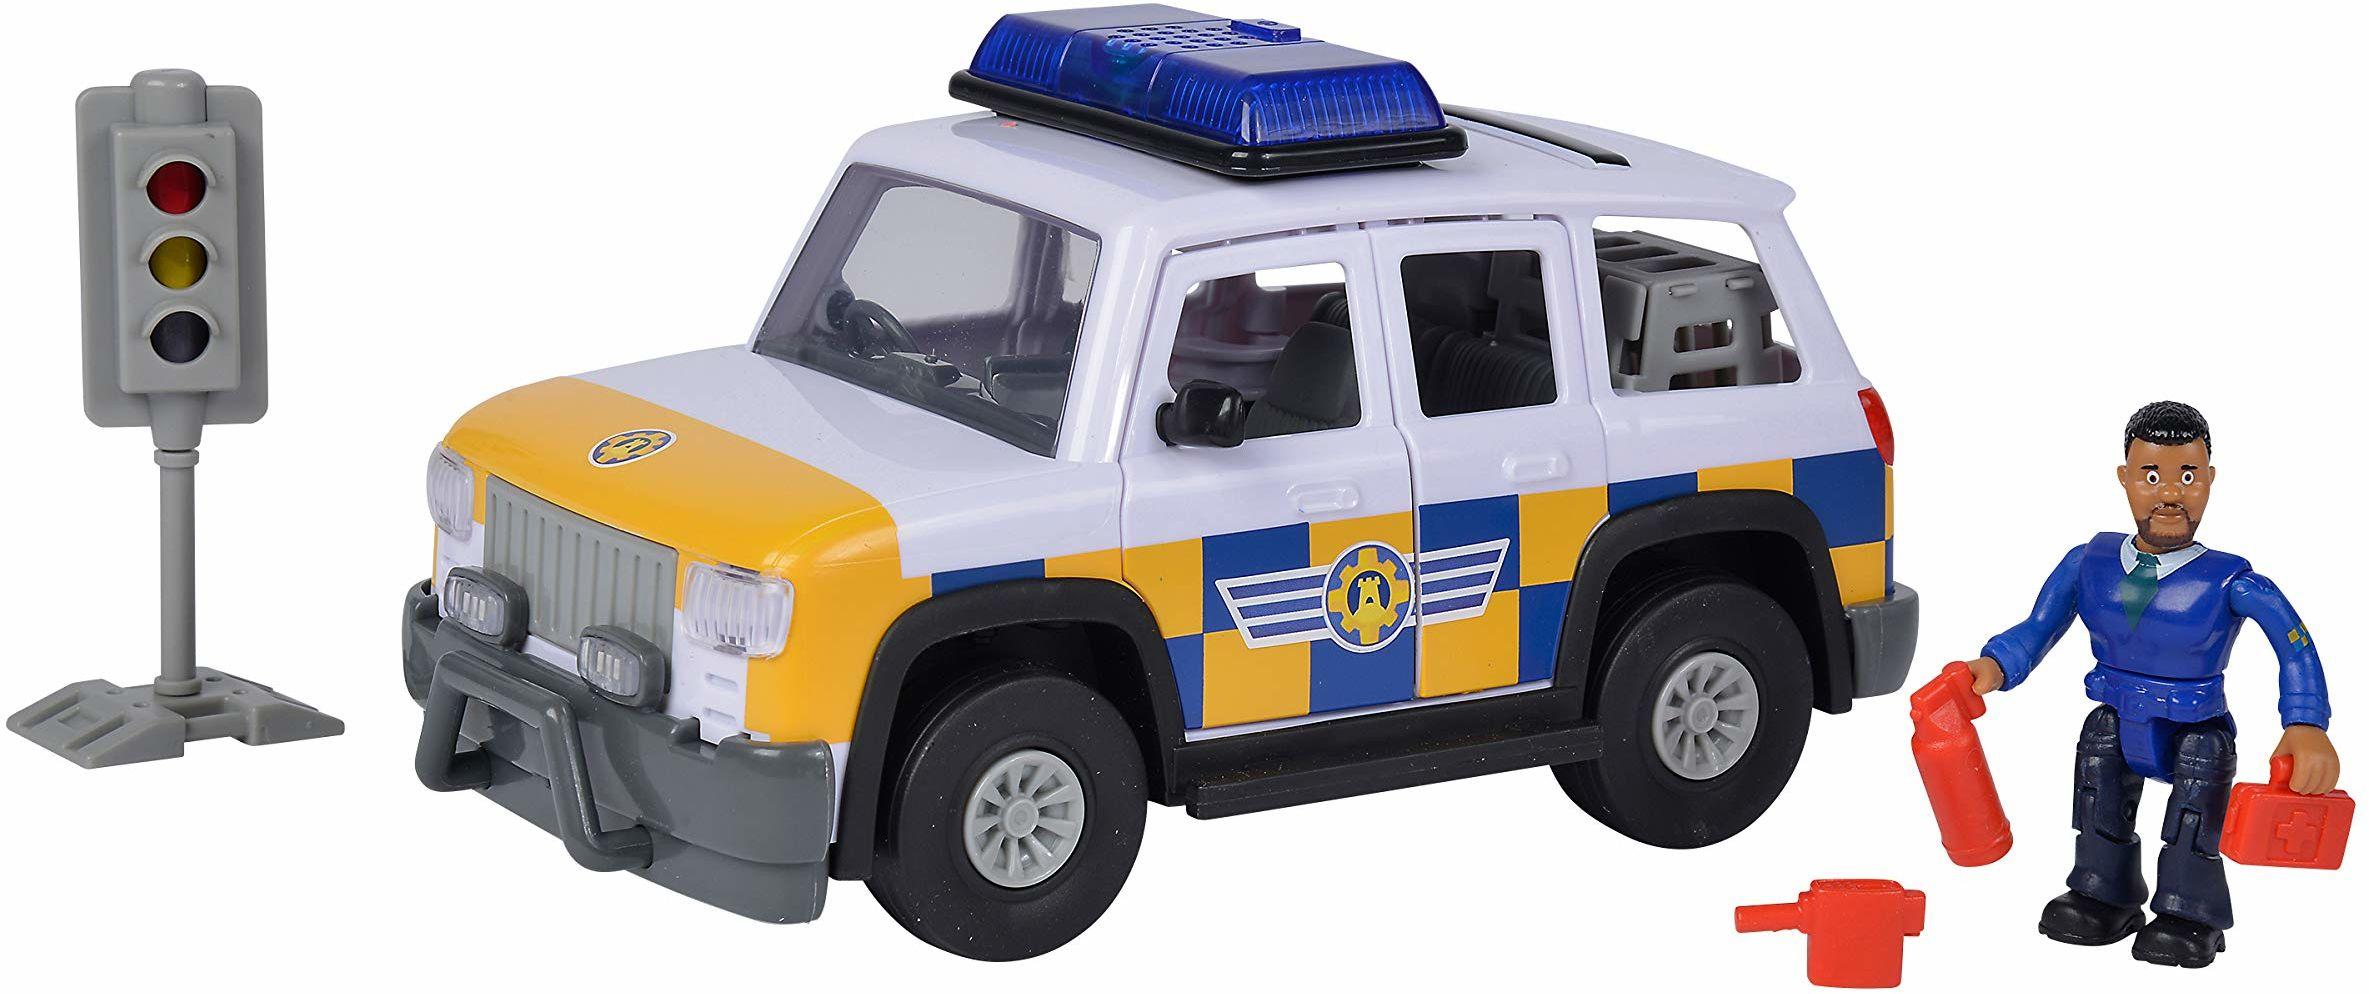 Simba 109251096038 Strażak Sam Jeep Policyjny Z Figurką 109251096038